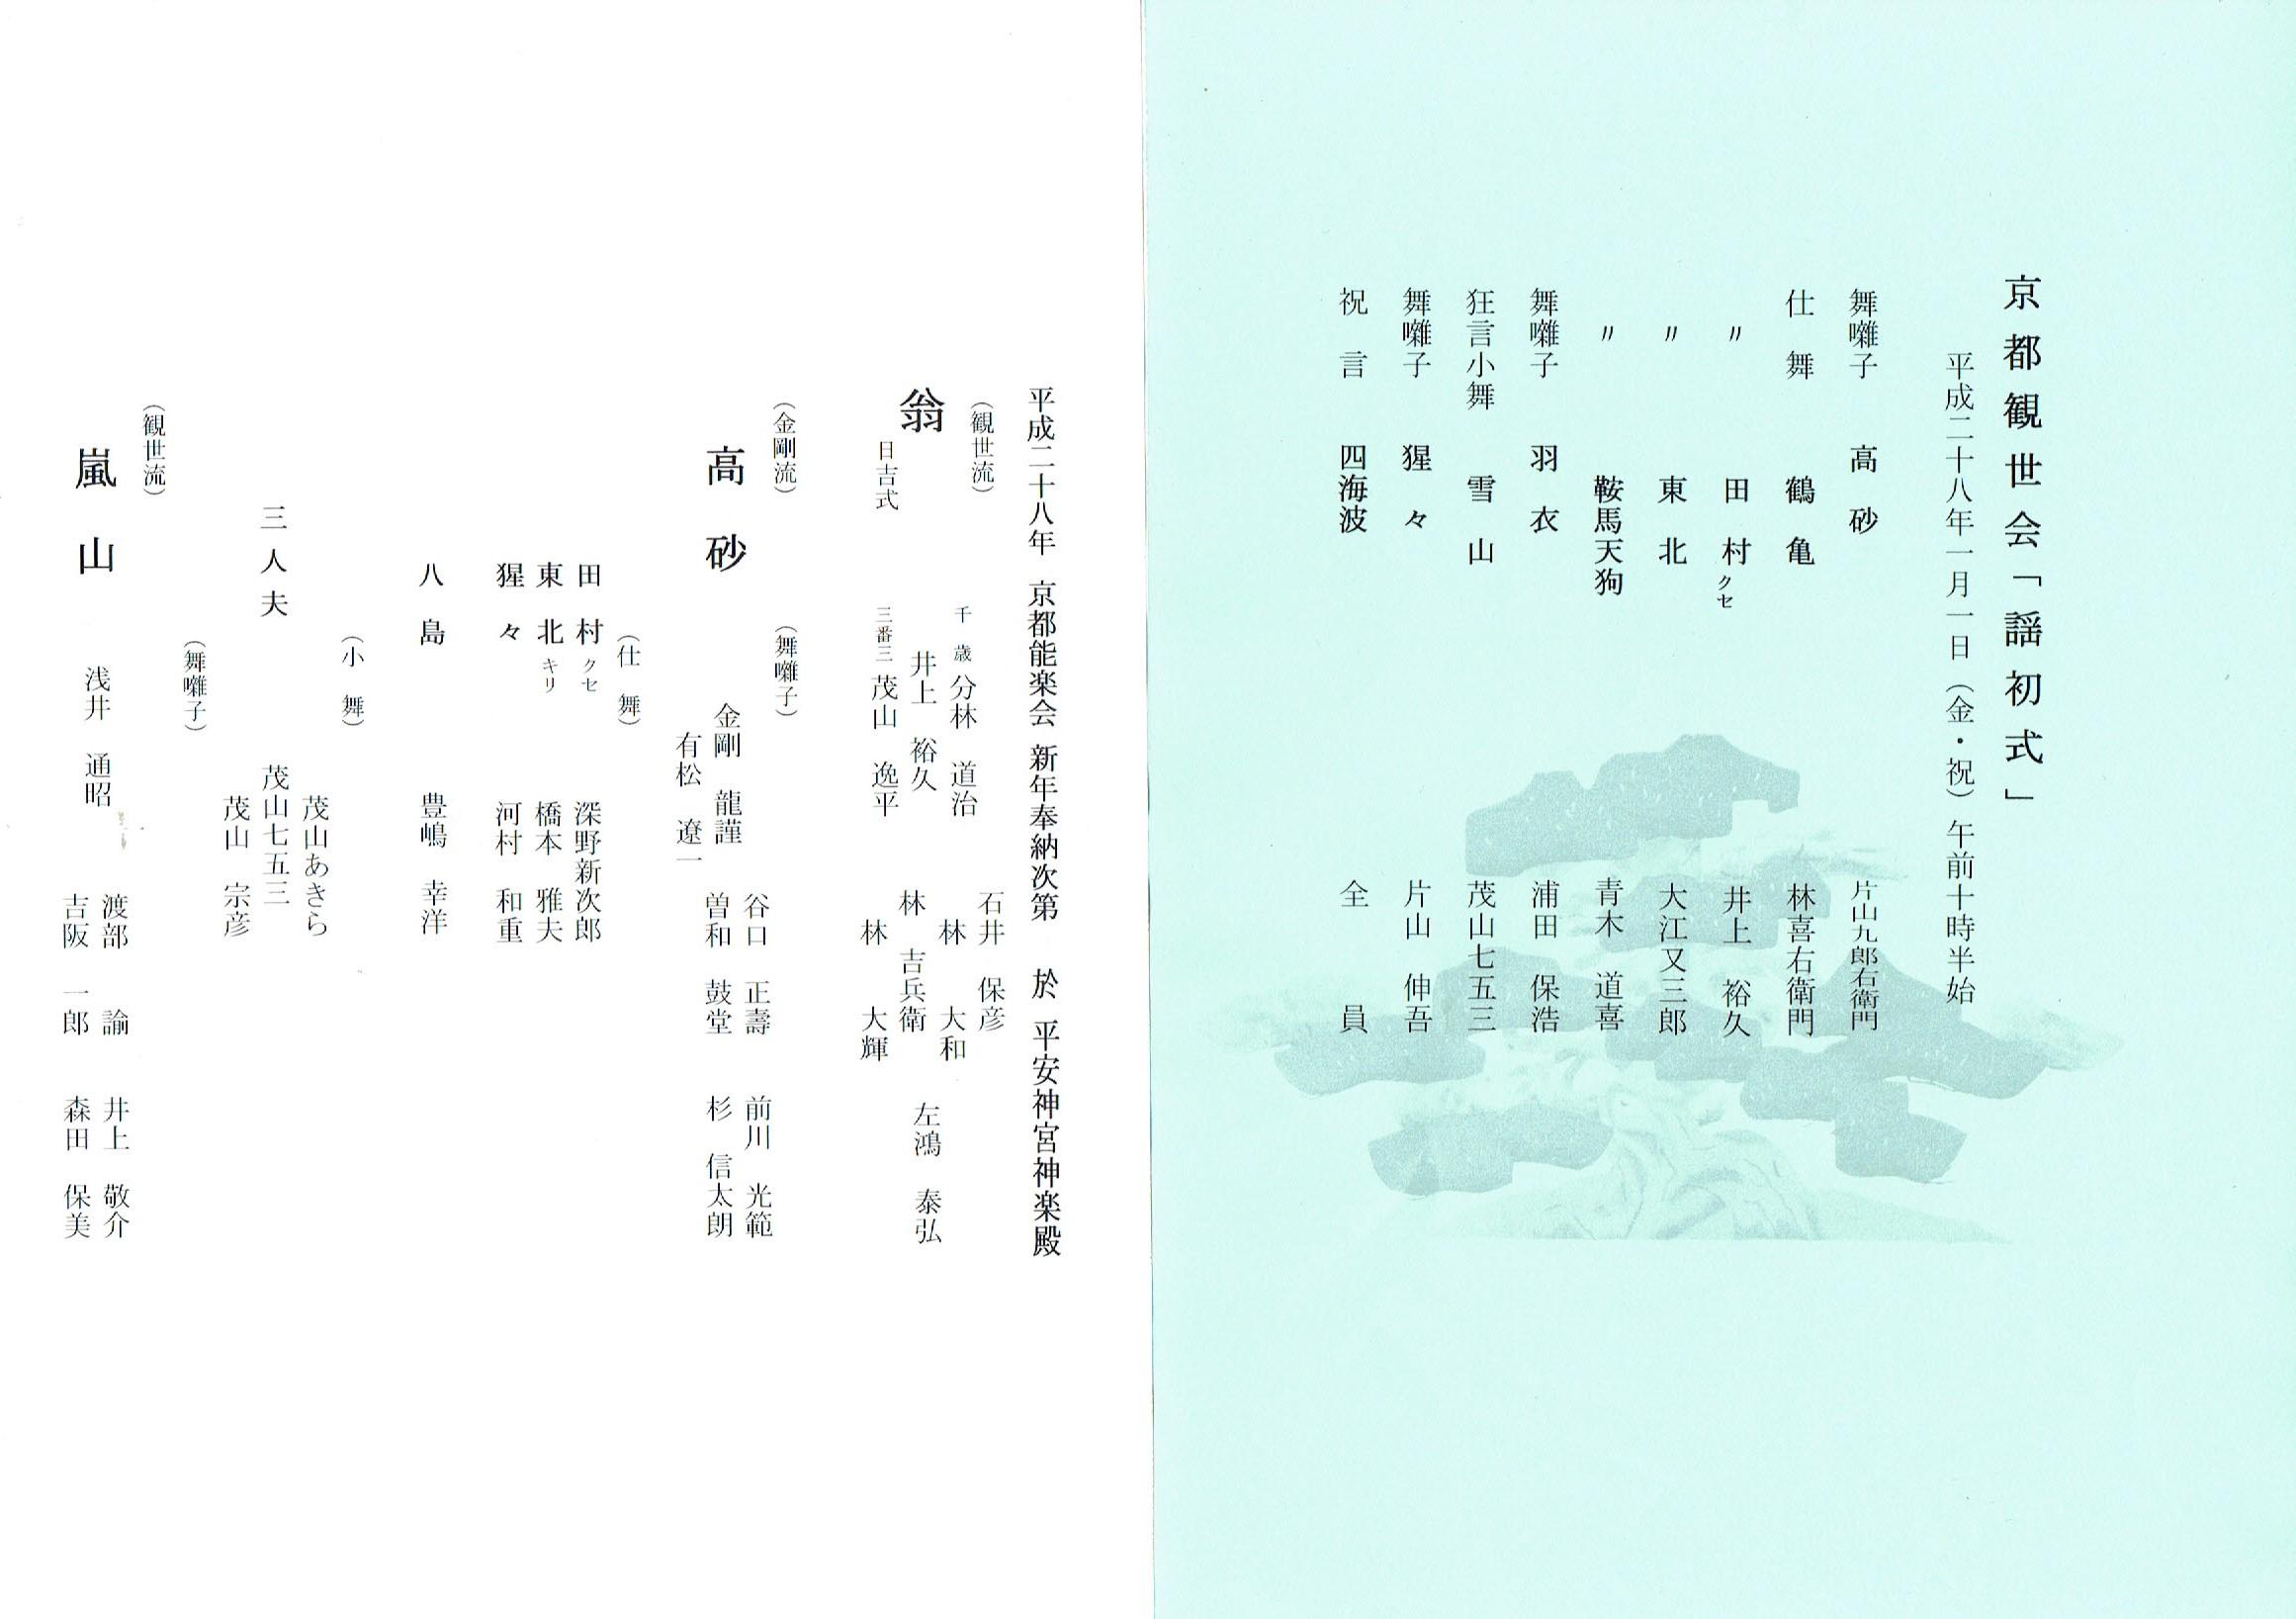 京都観世会謡初式&京都能楽会新年奉納